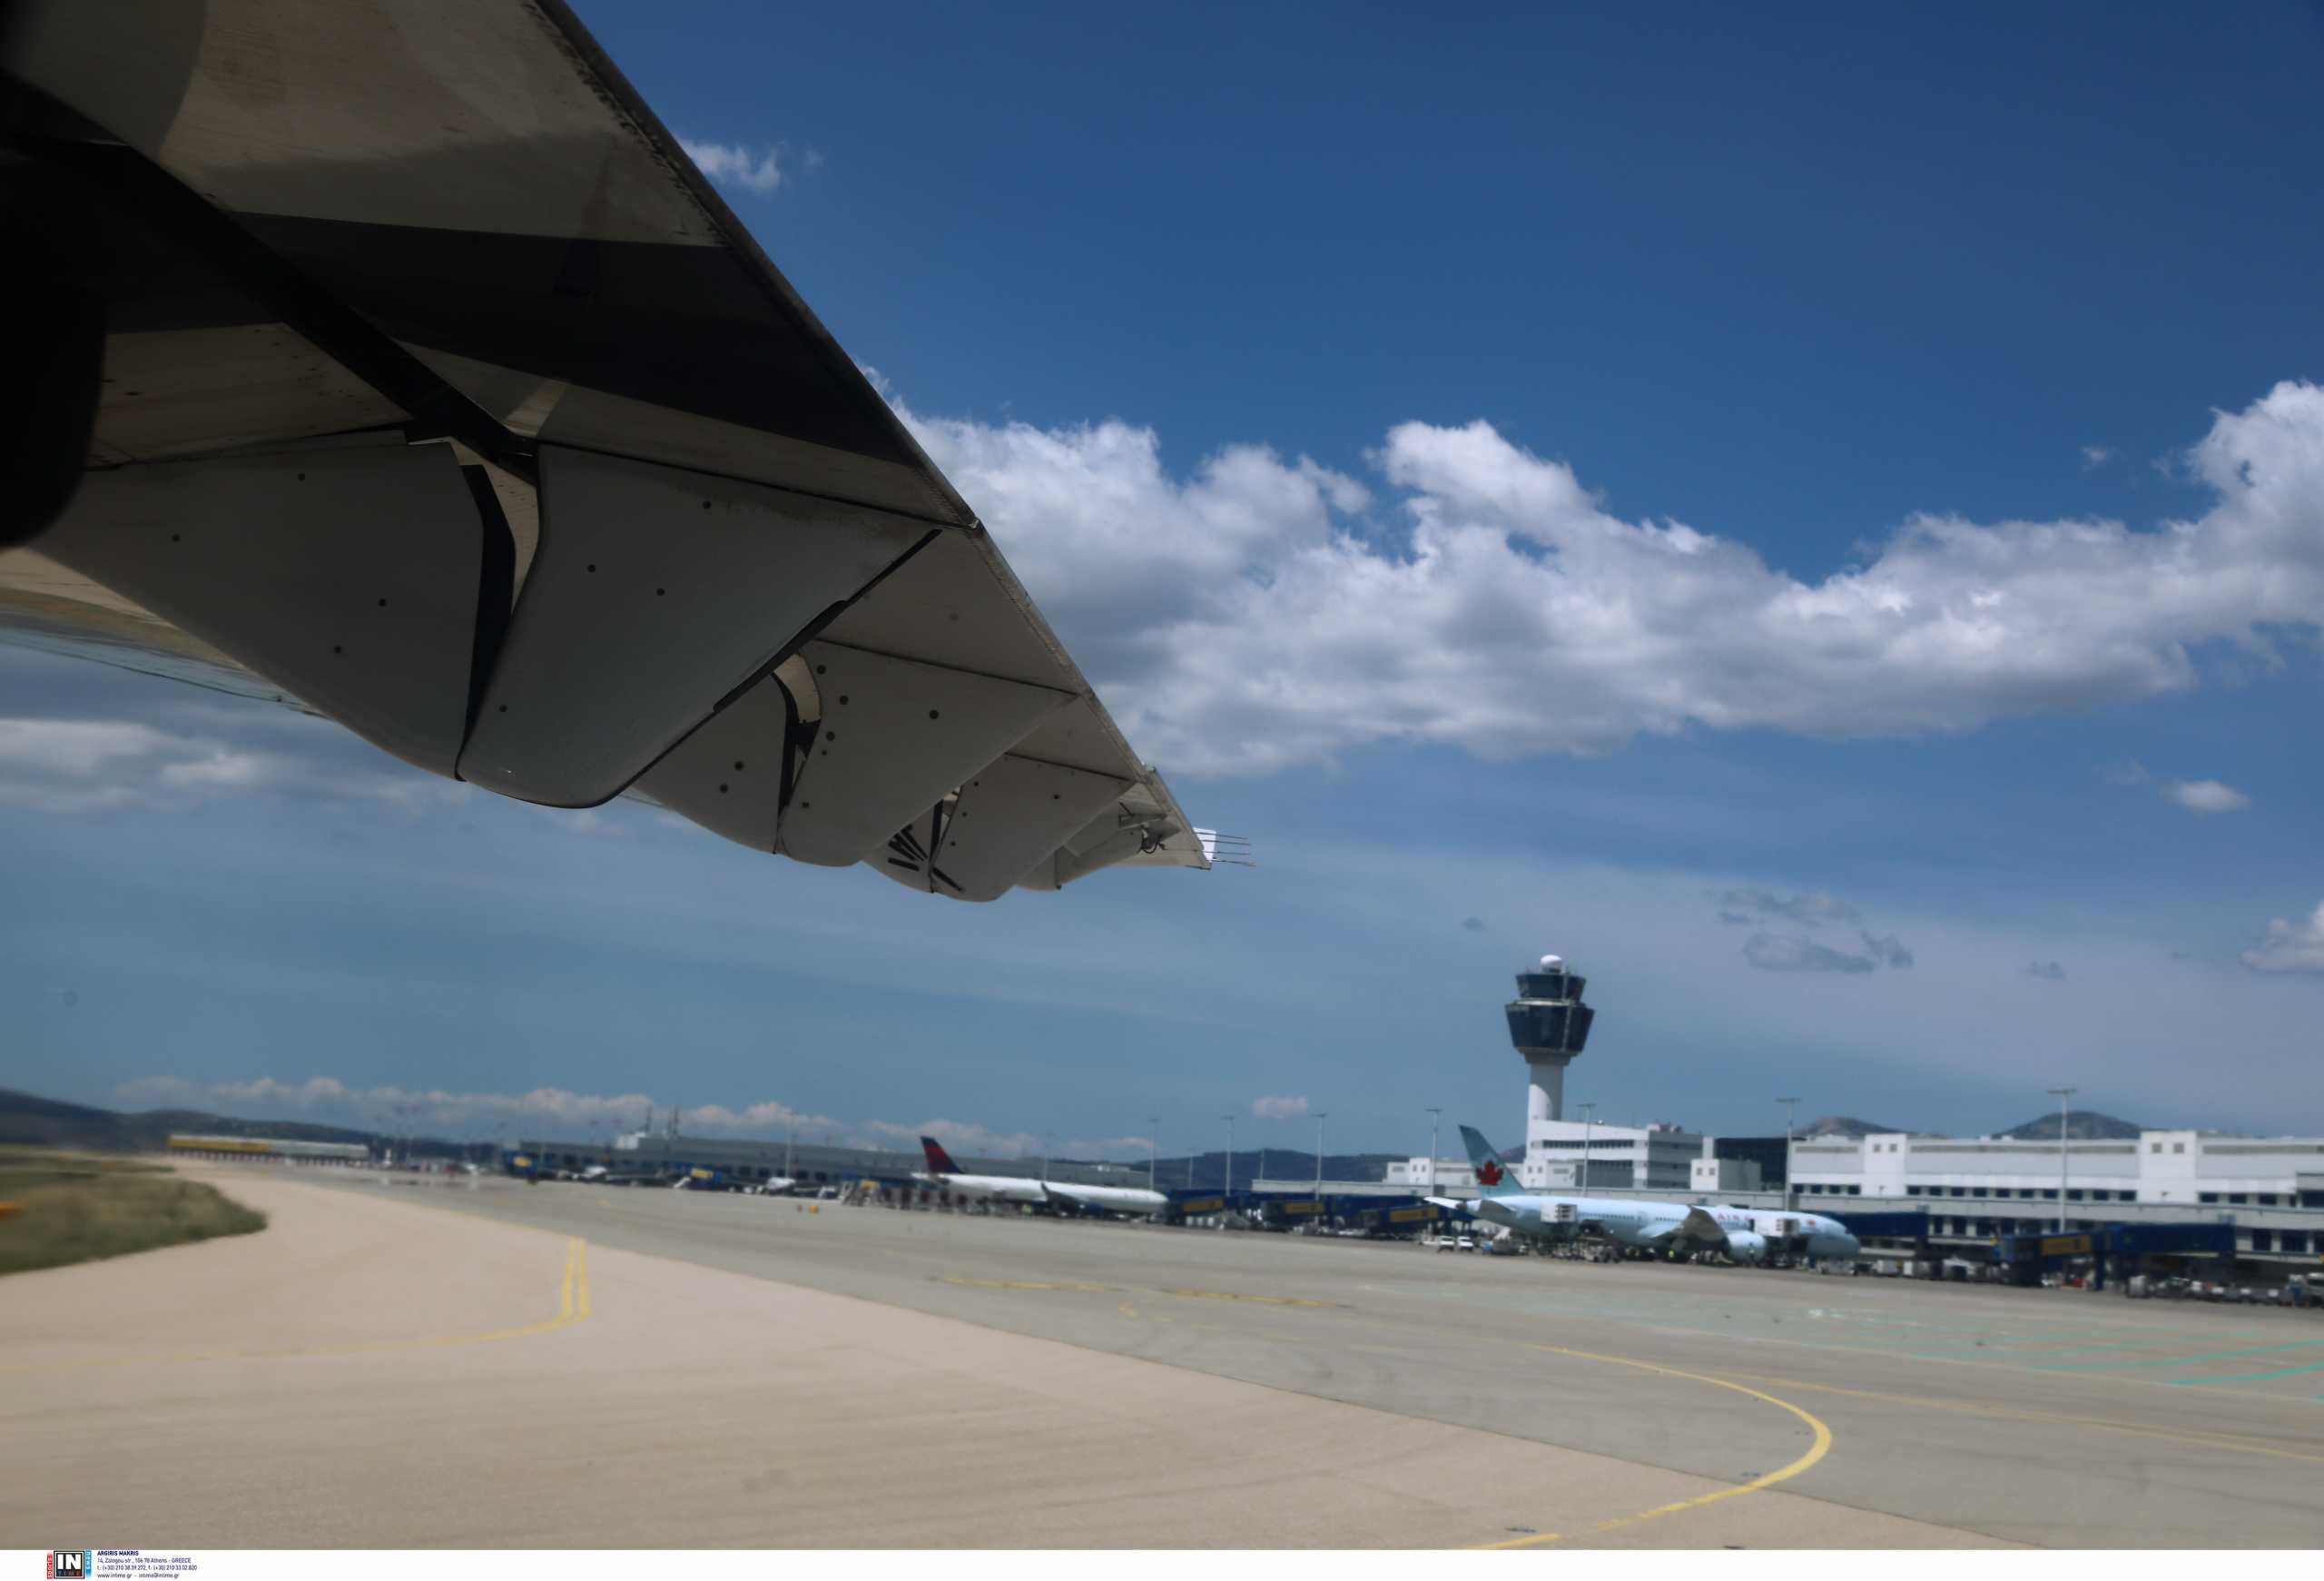 Ελευθέριος Βενιζέλος: Αεροπλάνο από Ατλάντα ετοιμάζεται να προσγειωθεί χωρίς φρένα